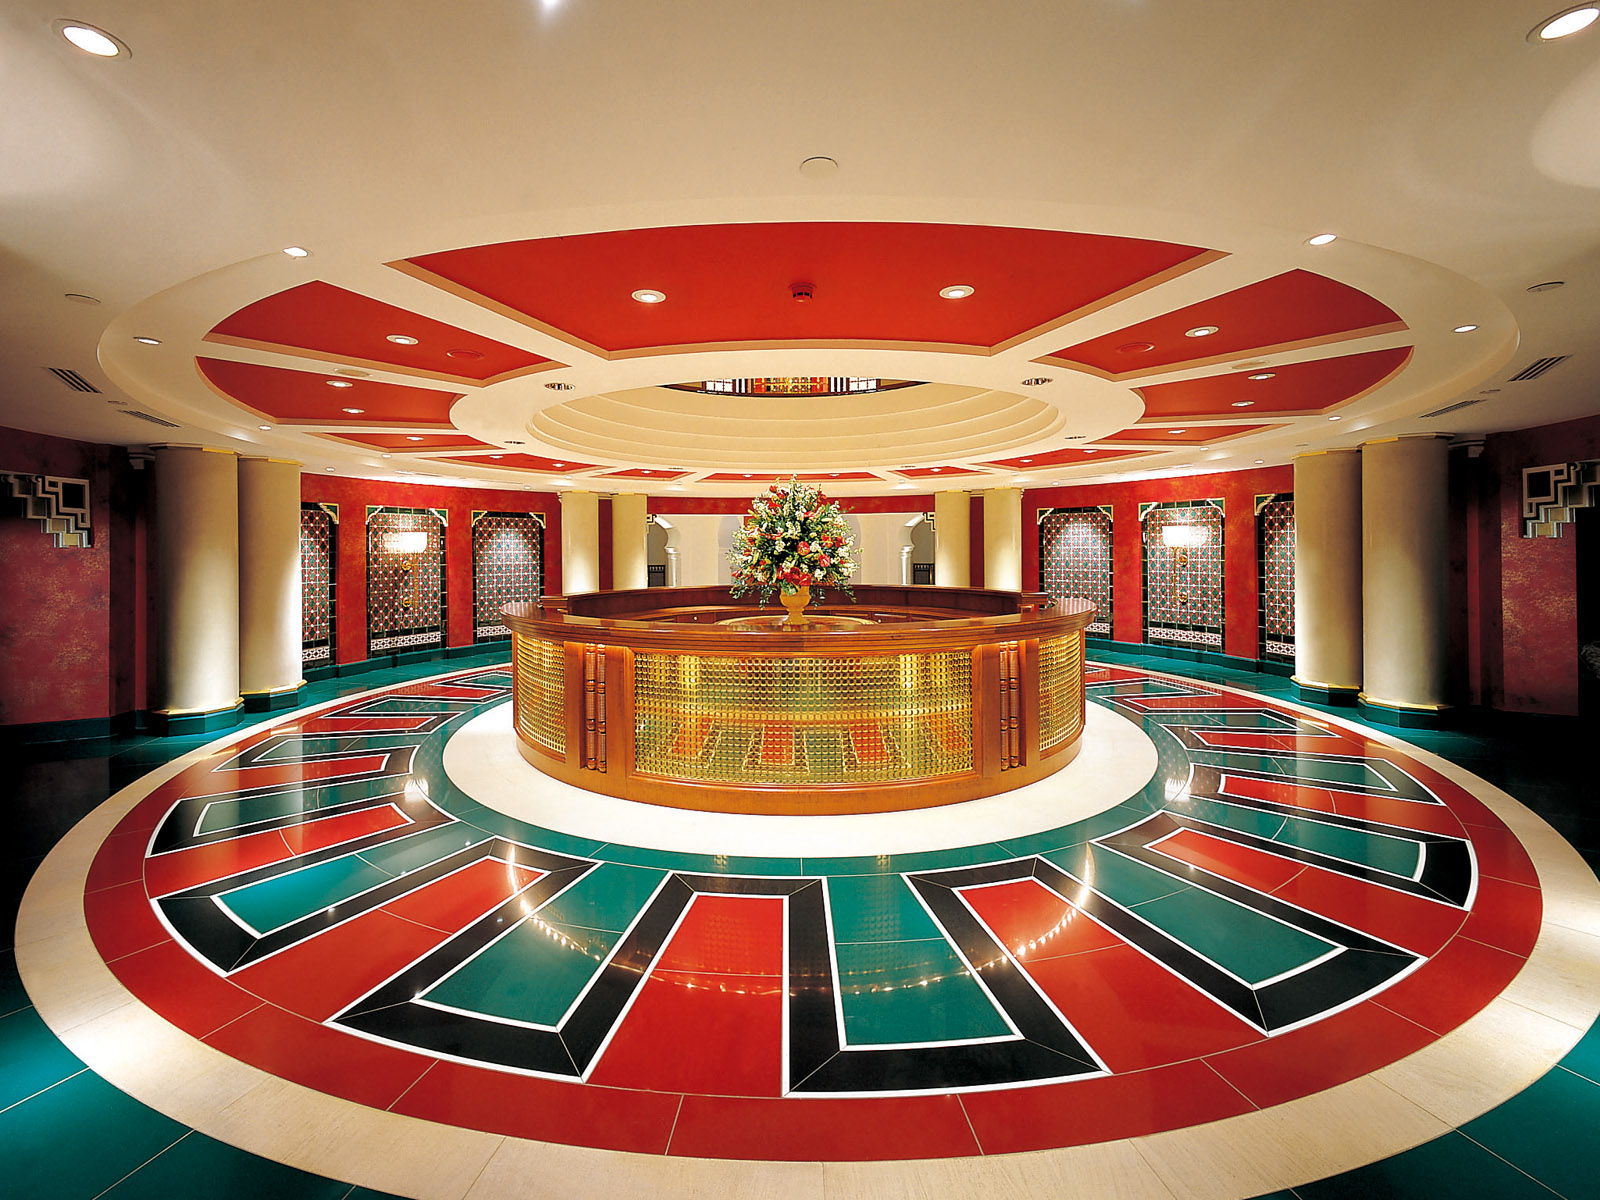 http://4.bp.blogspot.com/-puUH32tqDr8/TVRVOprnnaI/AAAAAAAAC9Y/ZUM_EeLJZ2k/s1600/burj_al_arab_reception_2.jpg